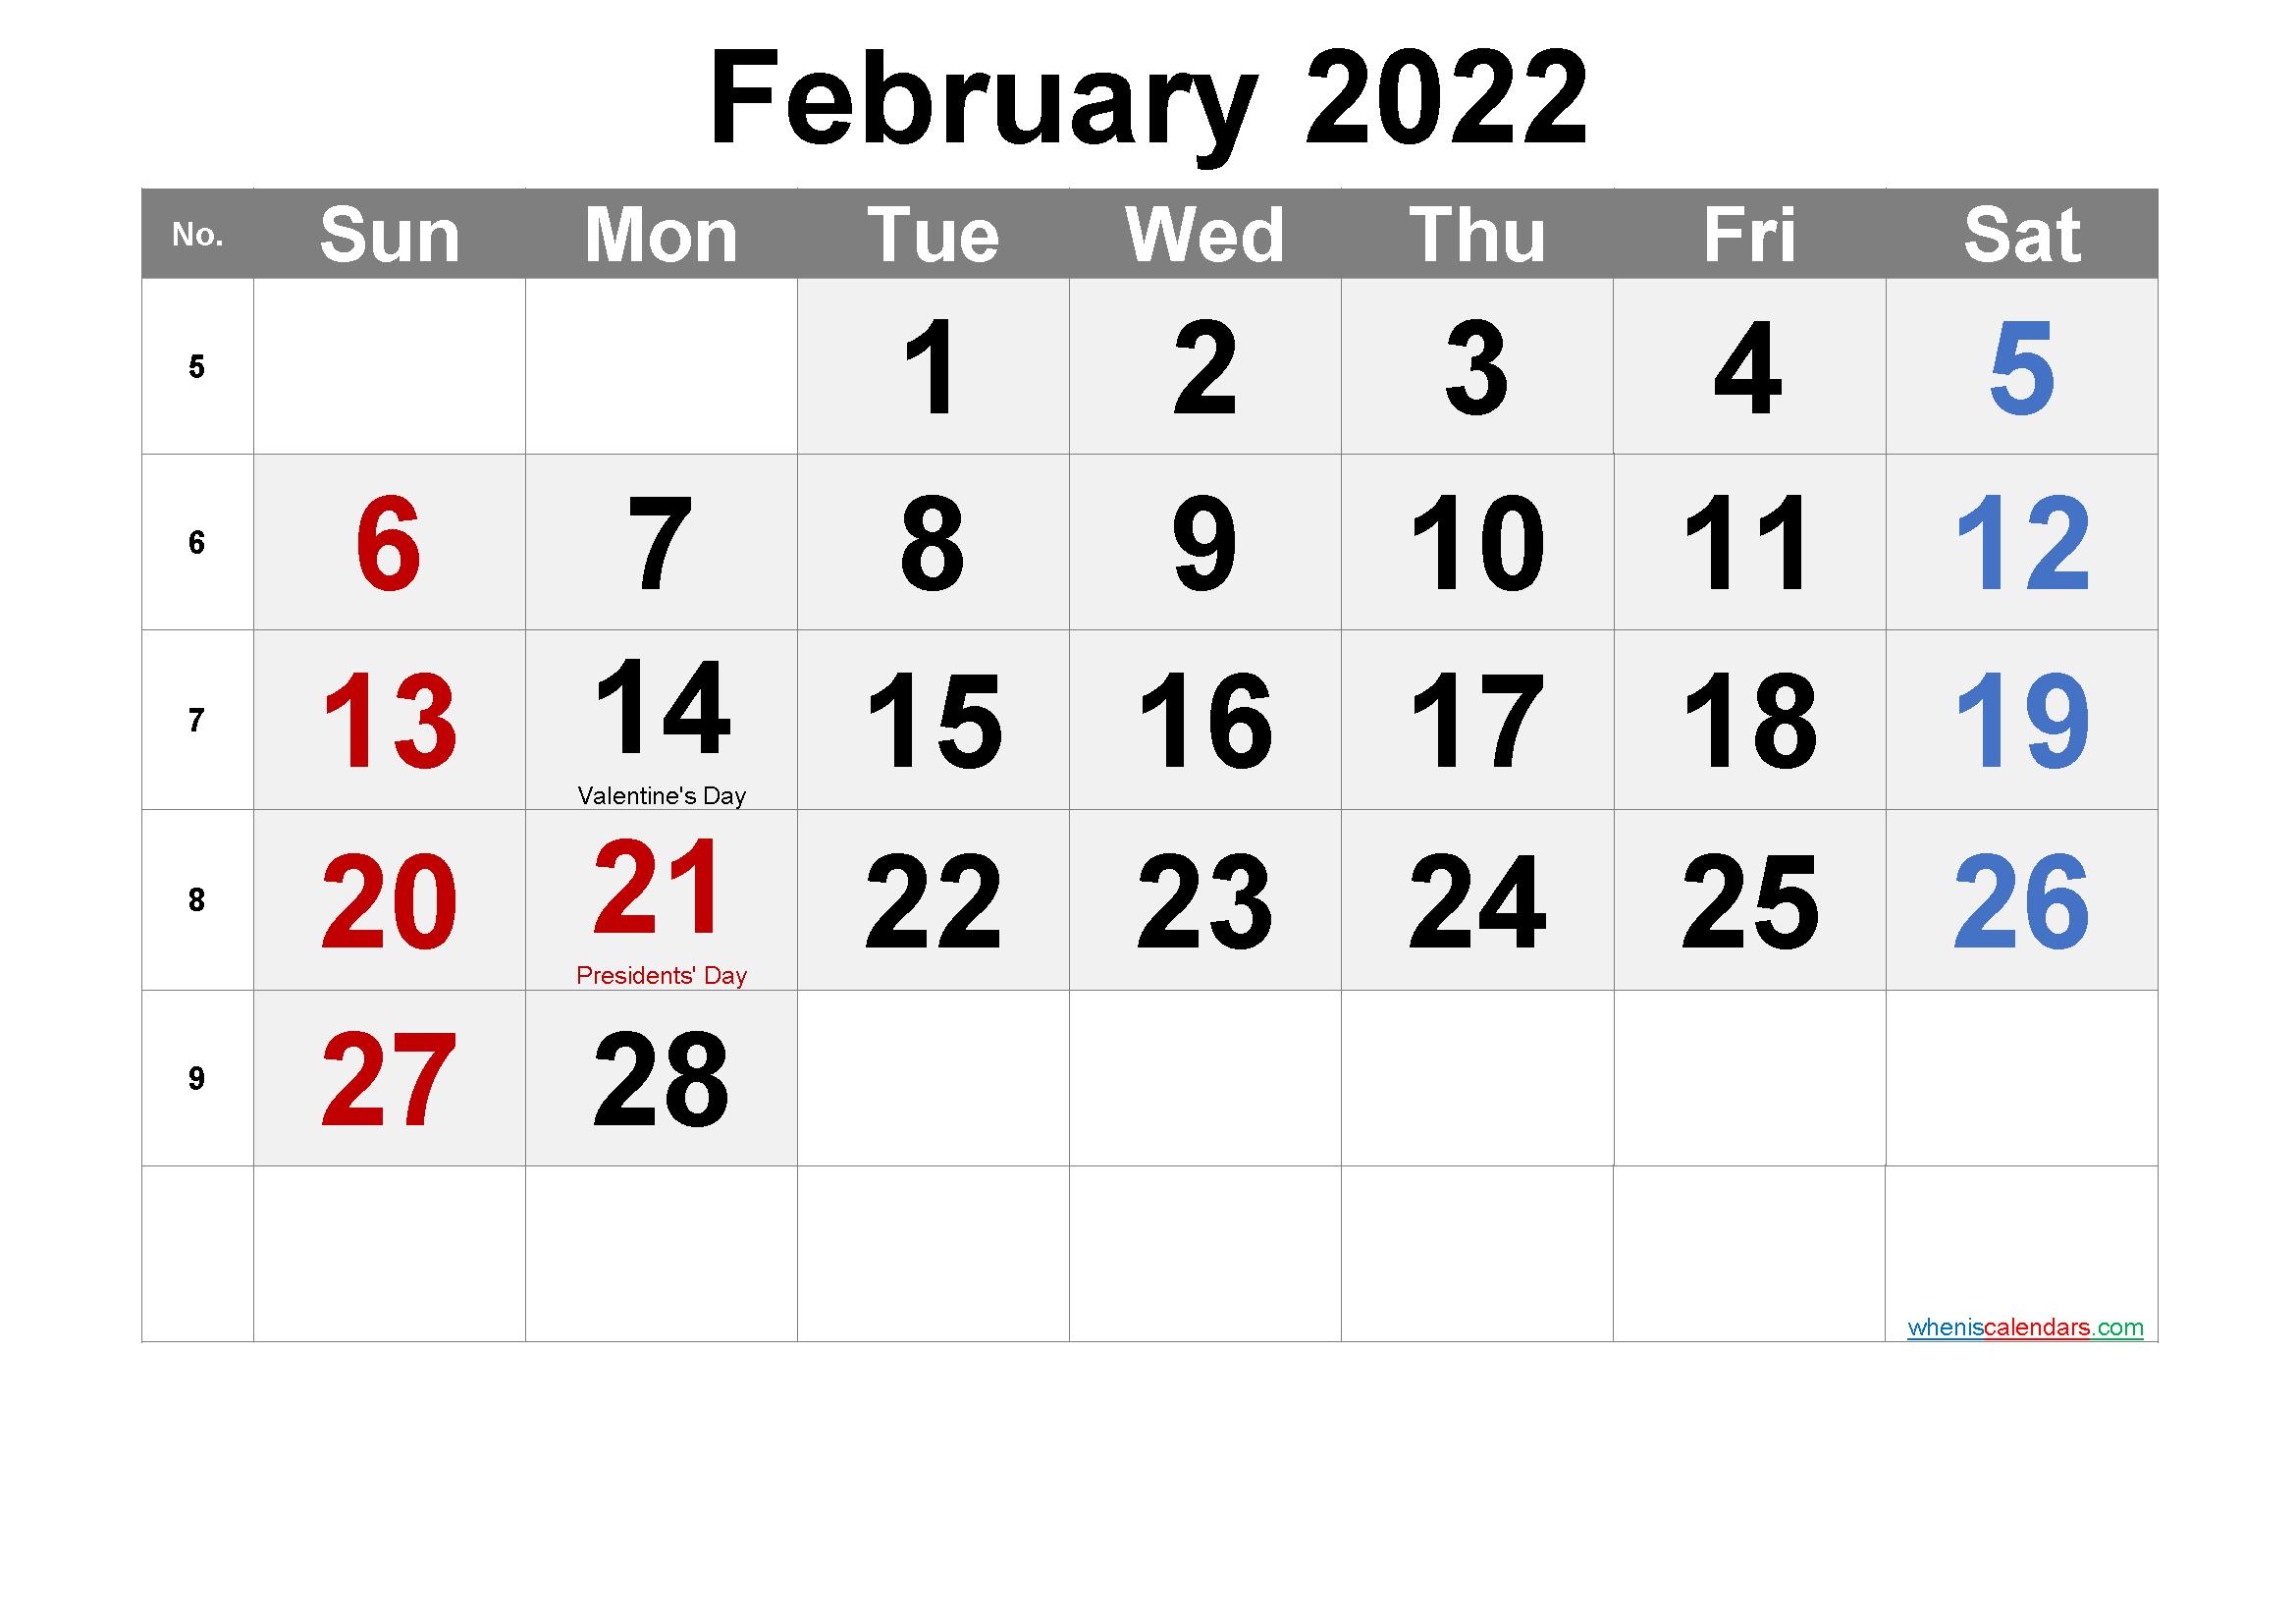 Free Printable Calendar February 2022.Free Printable February 2022 Calendar Pdf And Png Calendar Printables 2021 Calendar Calendar